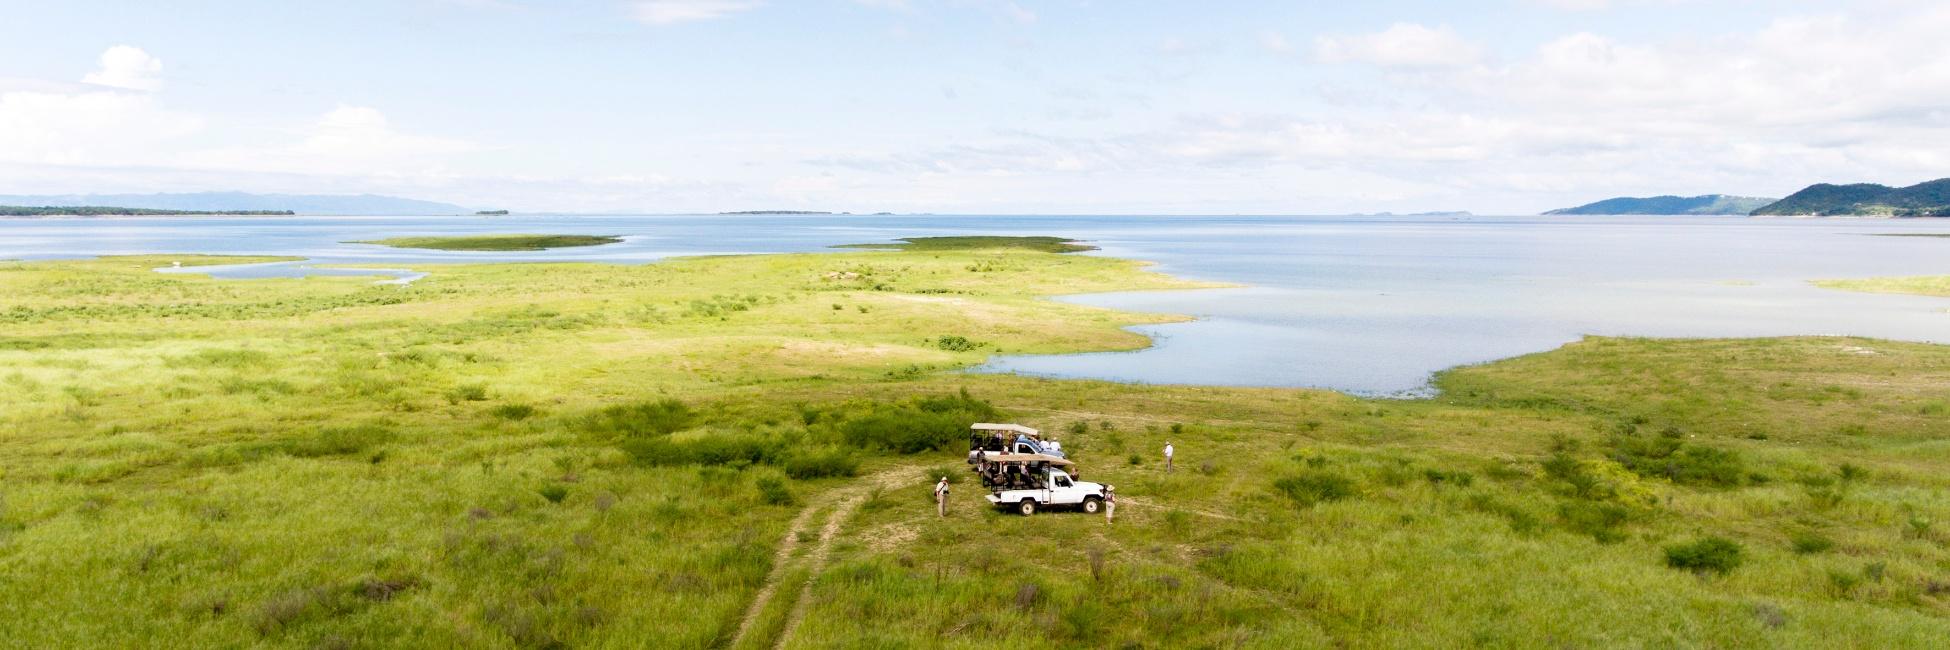 Lac kariba en Afrique Australe